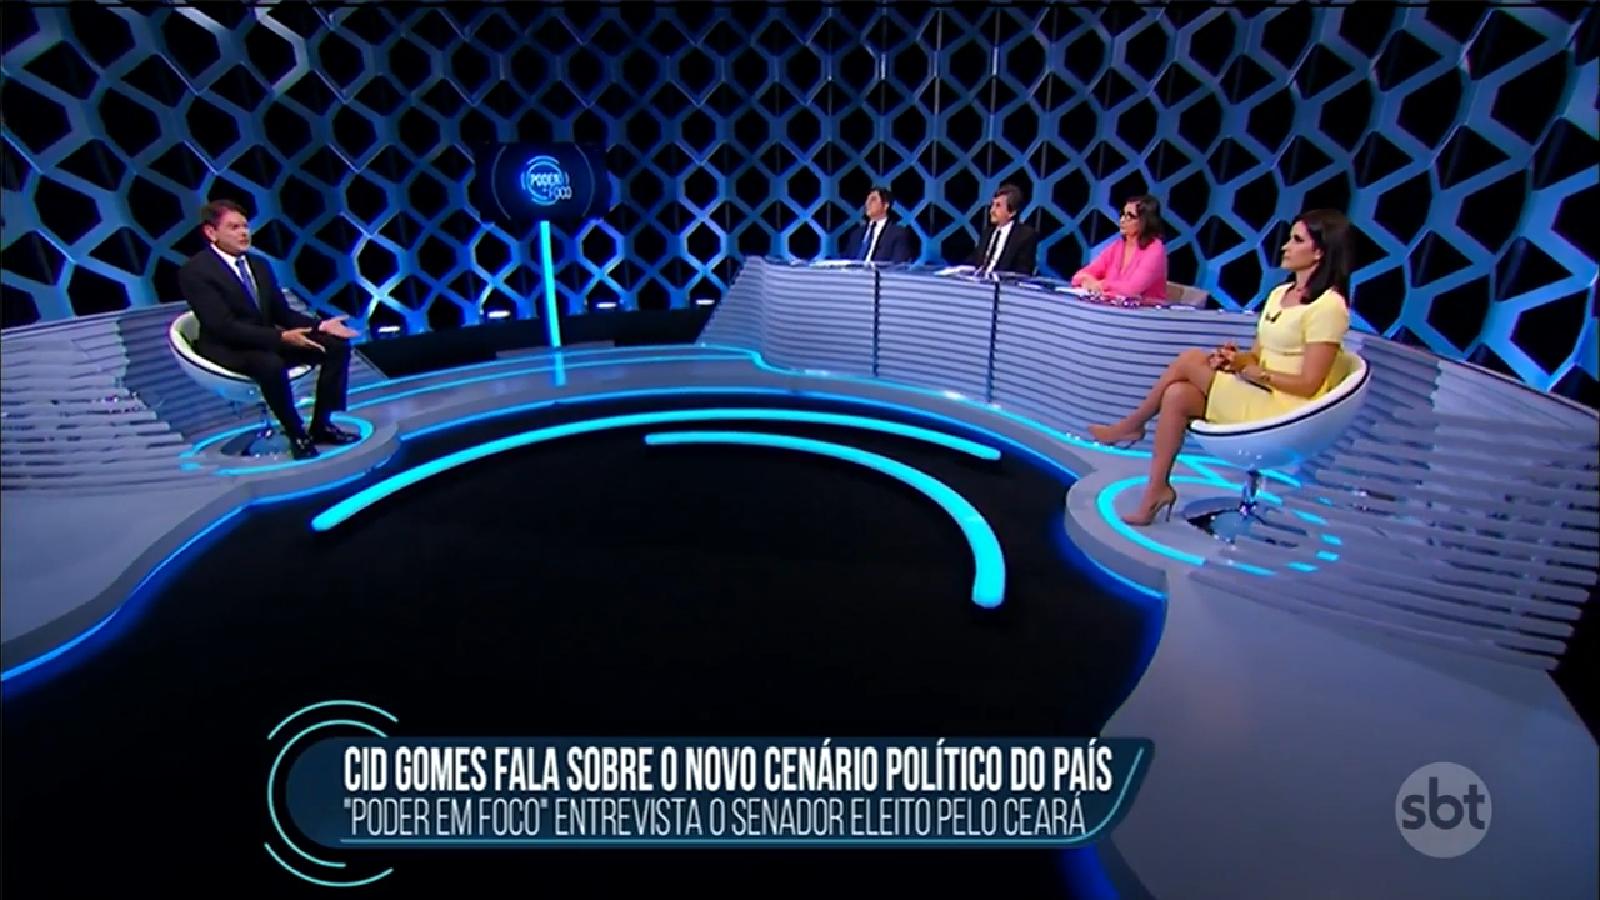 Equipe econômica de Bolsonaro não durará seis meses, projeta Cid Gomes - Reprodução / YouTube